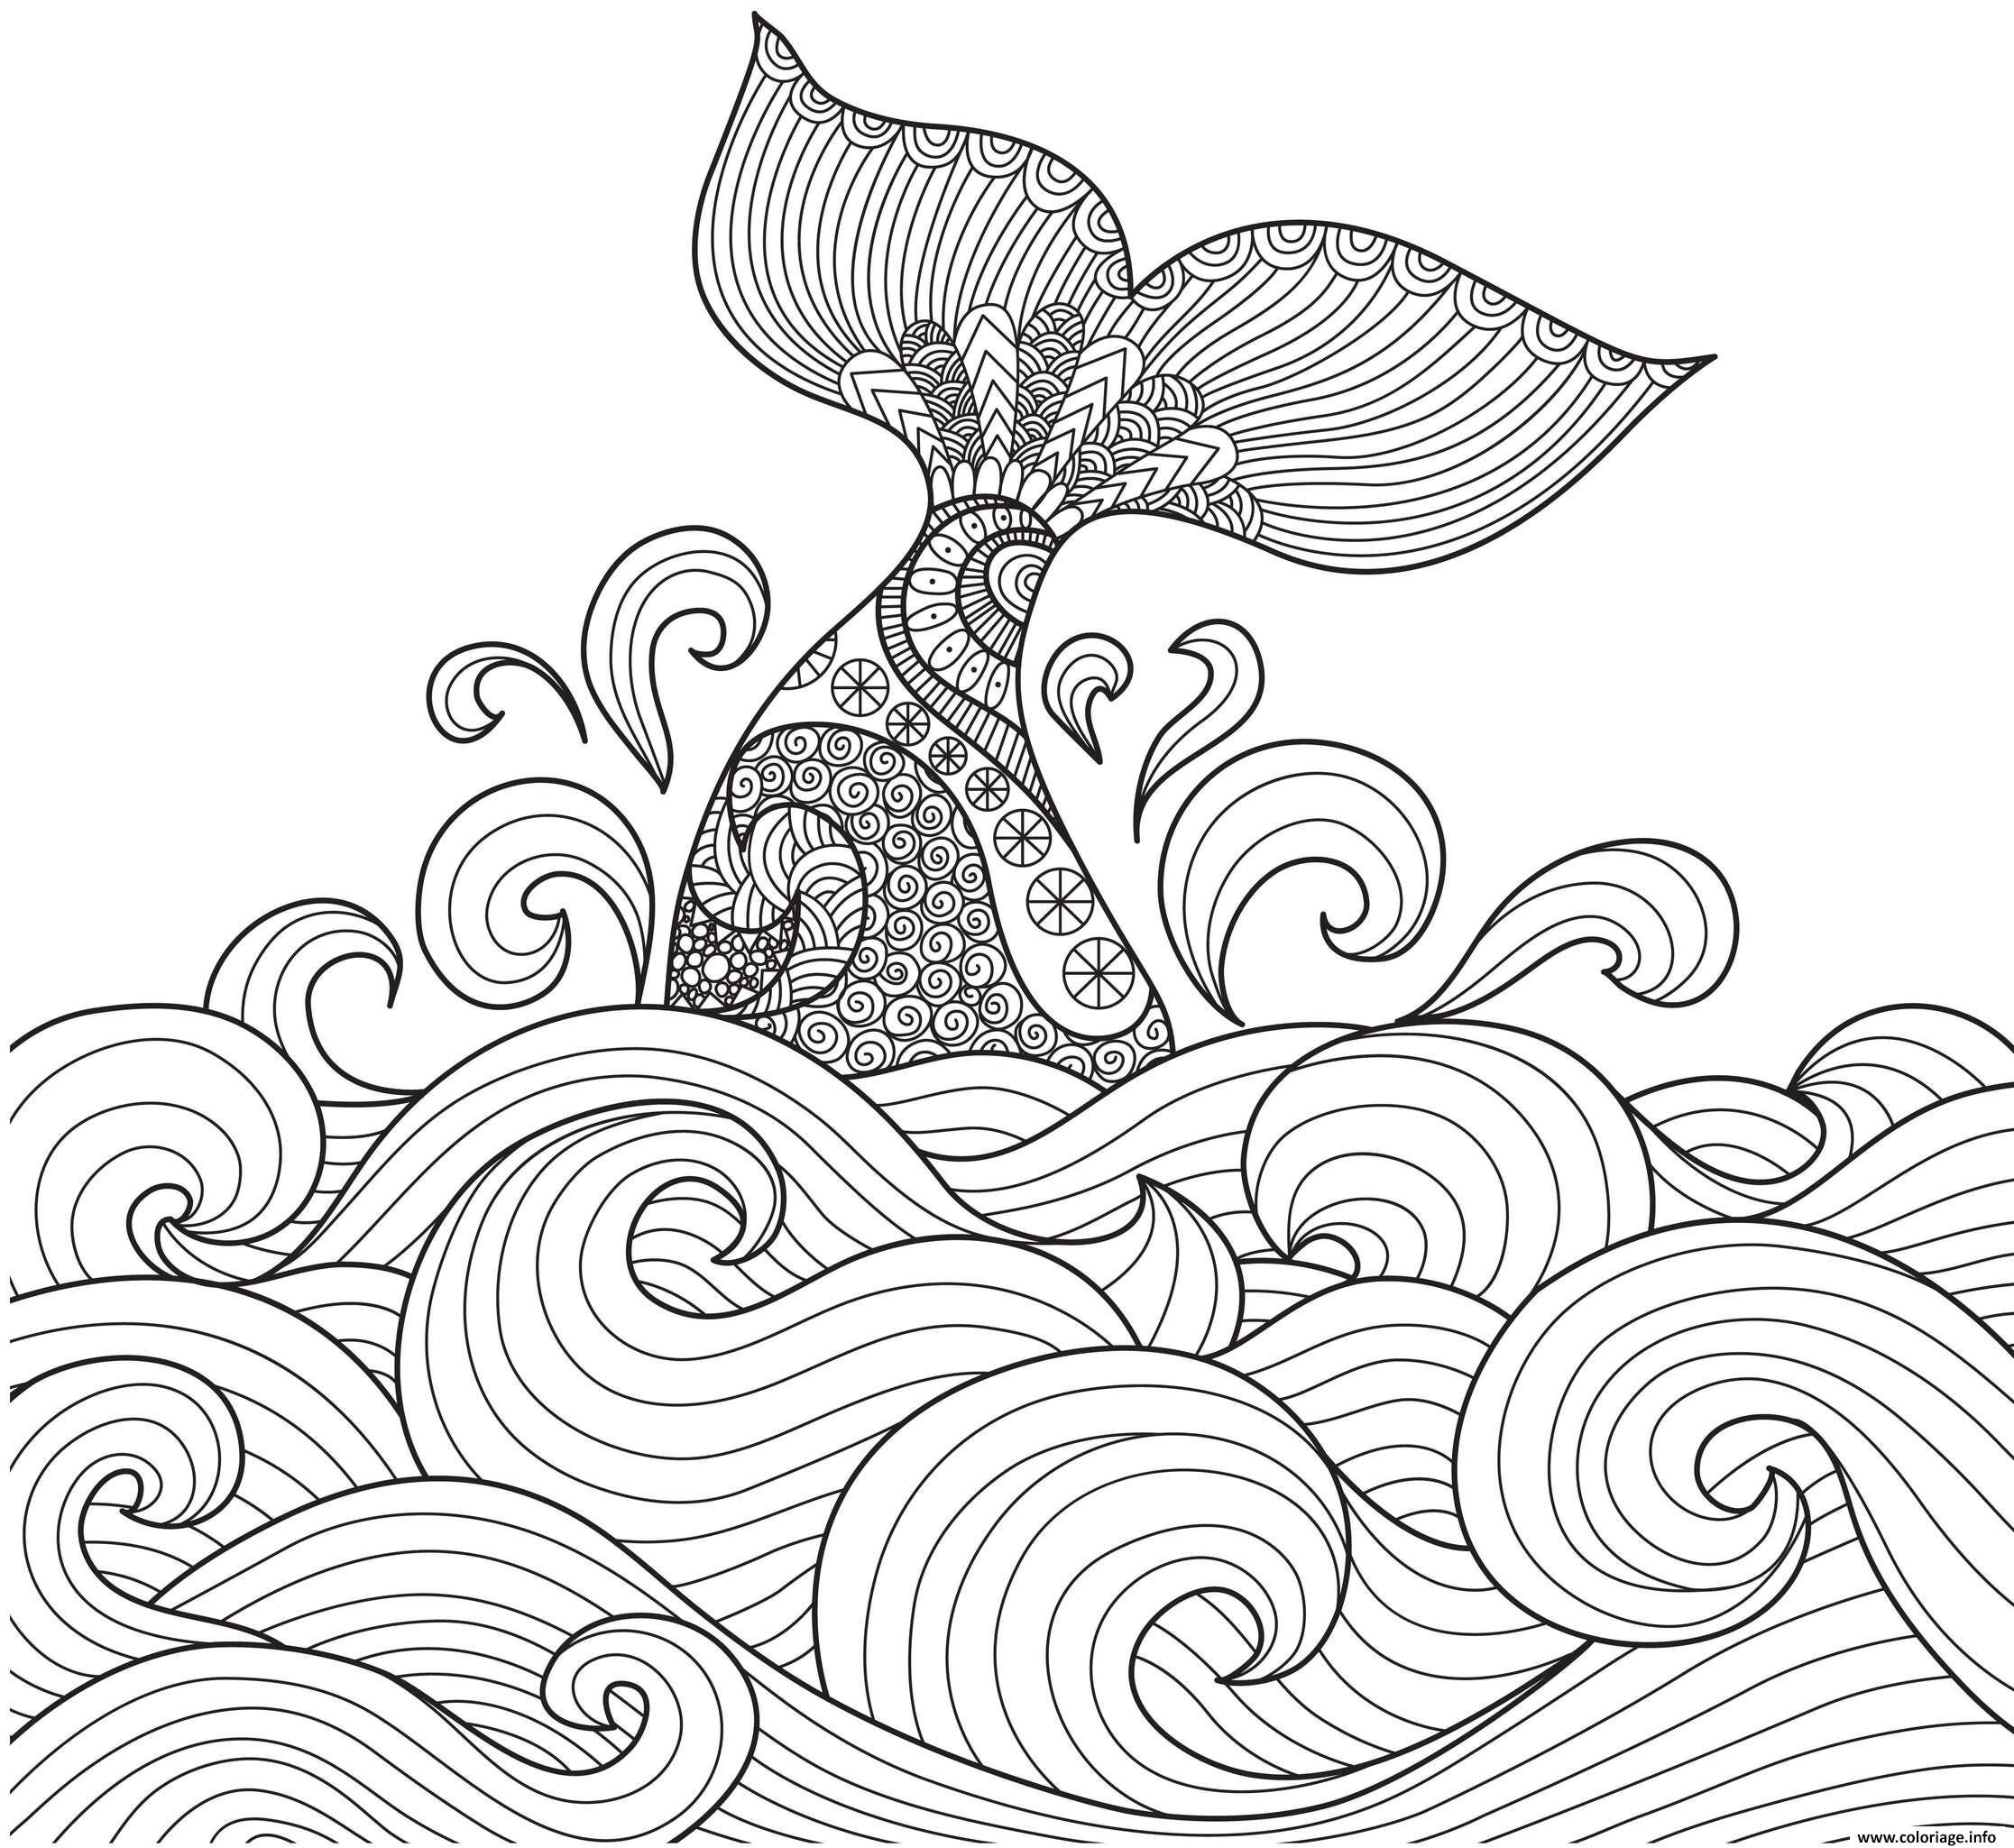 Coloriage Baleine Anti-stress Adulte Animaux Par Bimbimkha ...